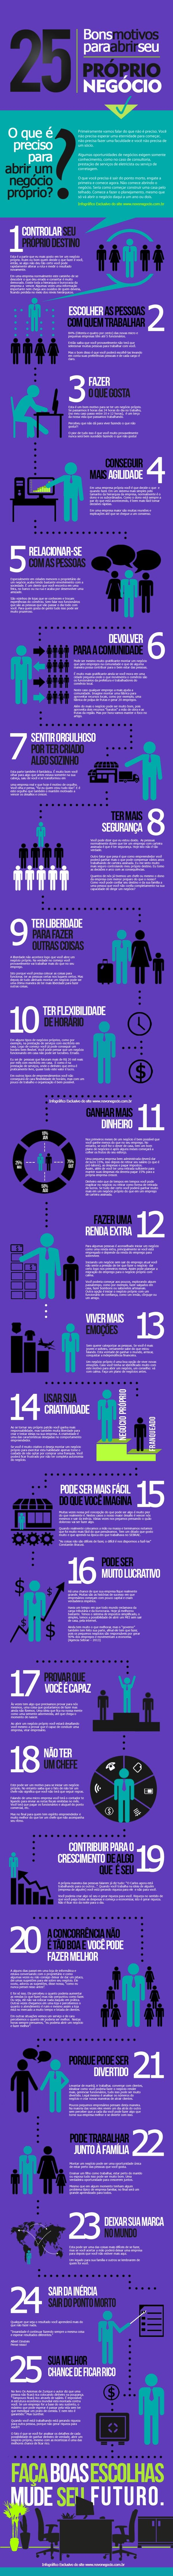 Infográfico - 25 Bons Motivos Para Abrir Um Negócio Próprio